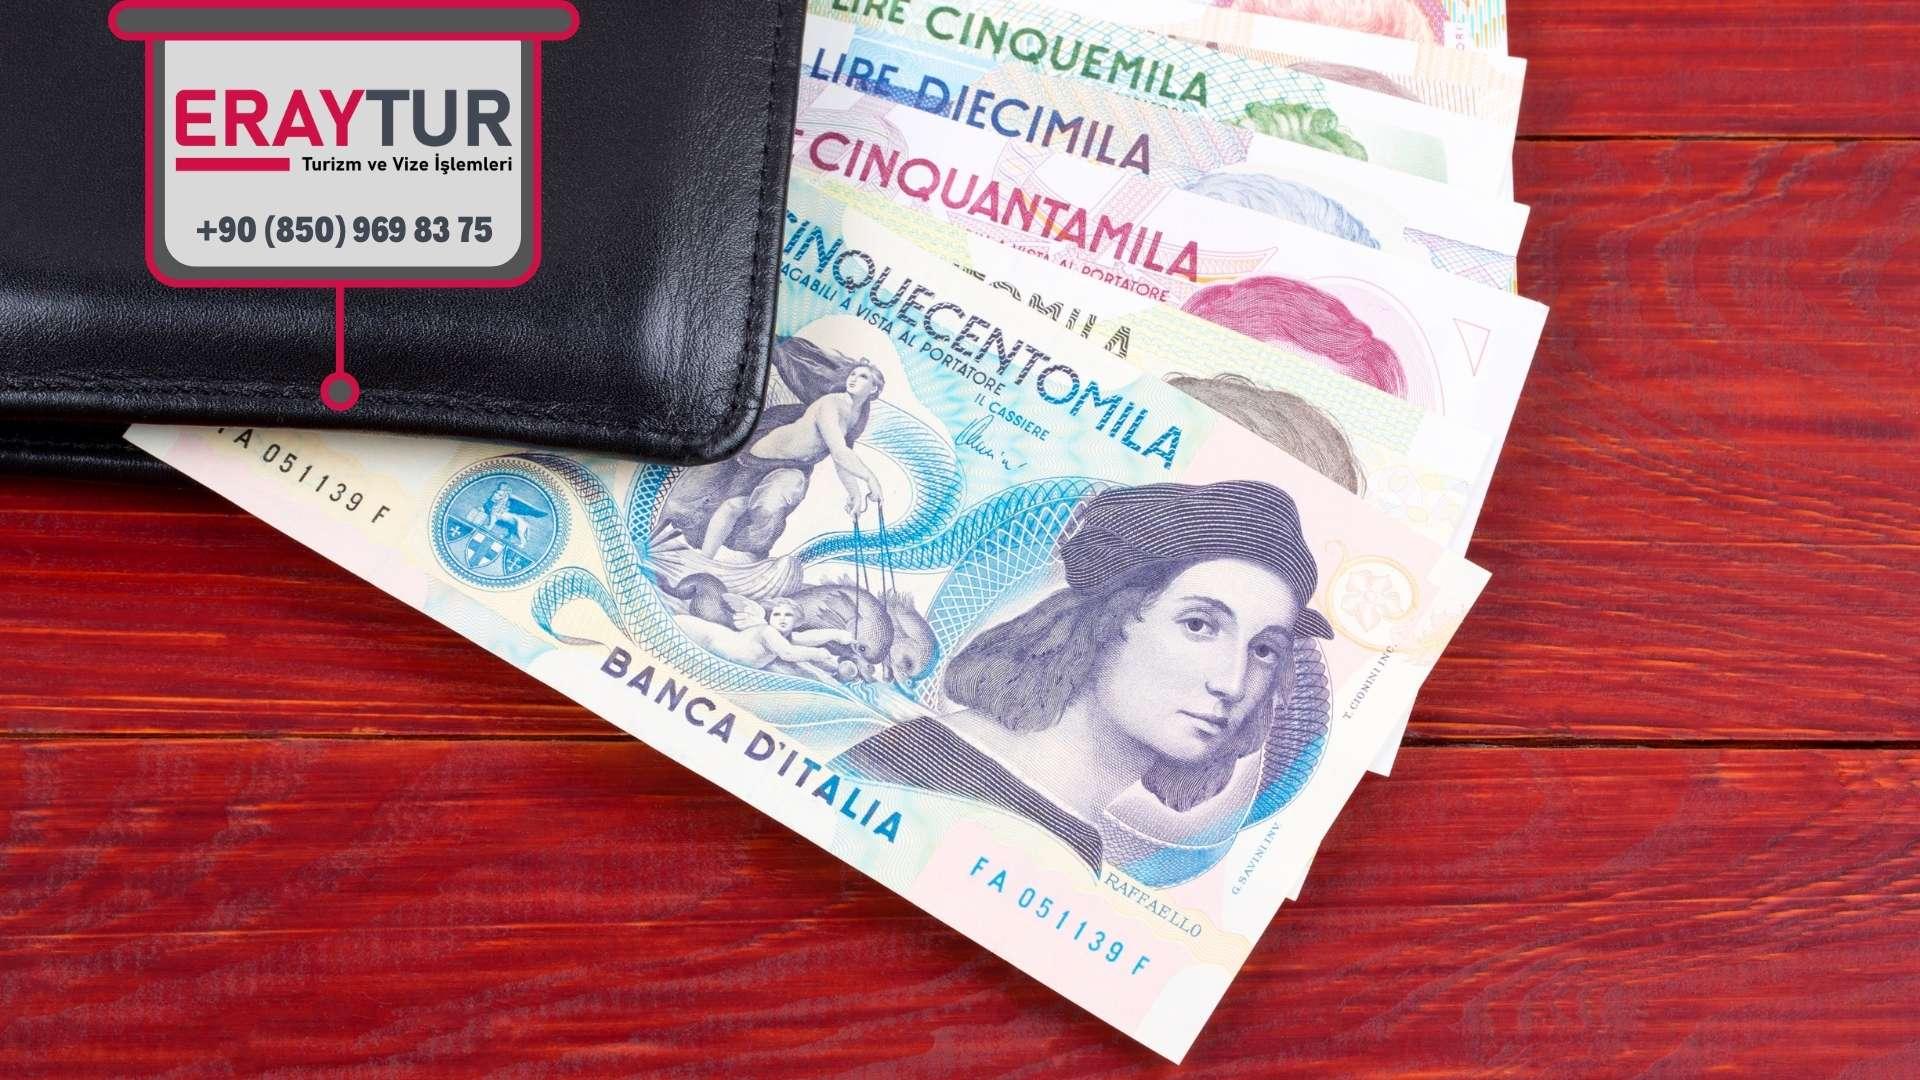 İtalya Turistik Vize Ücreti